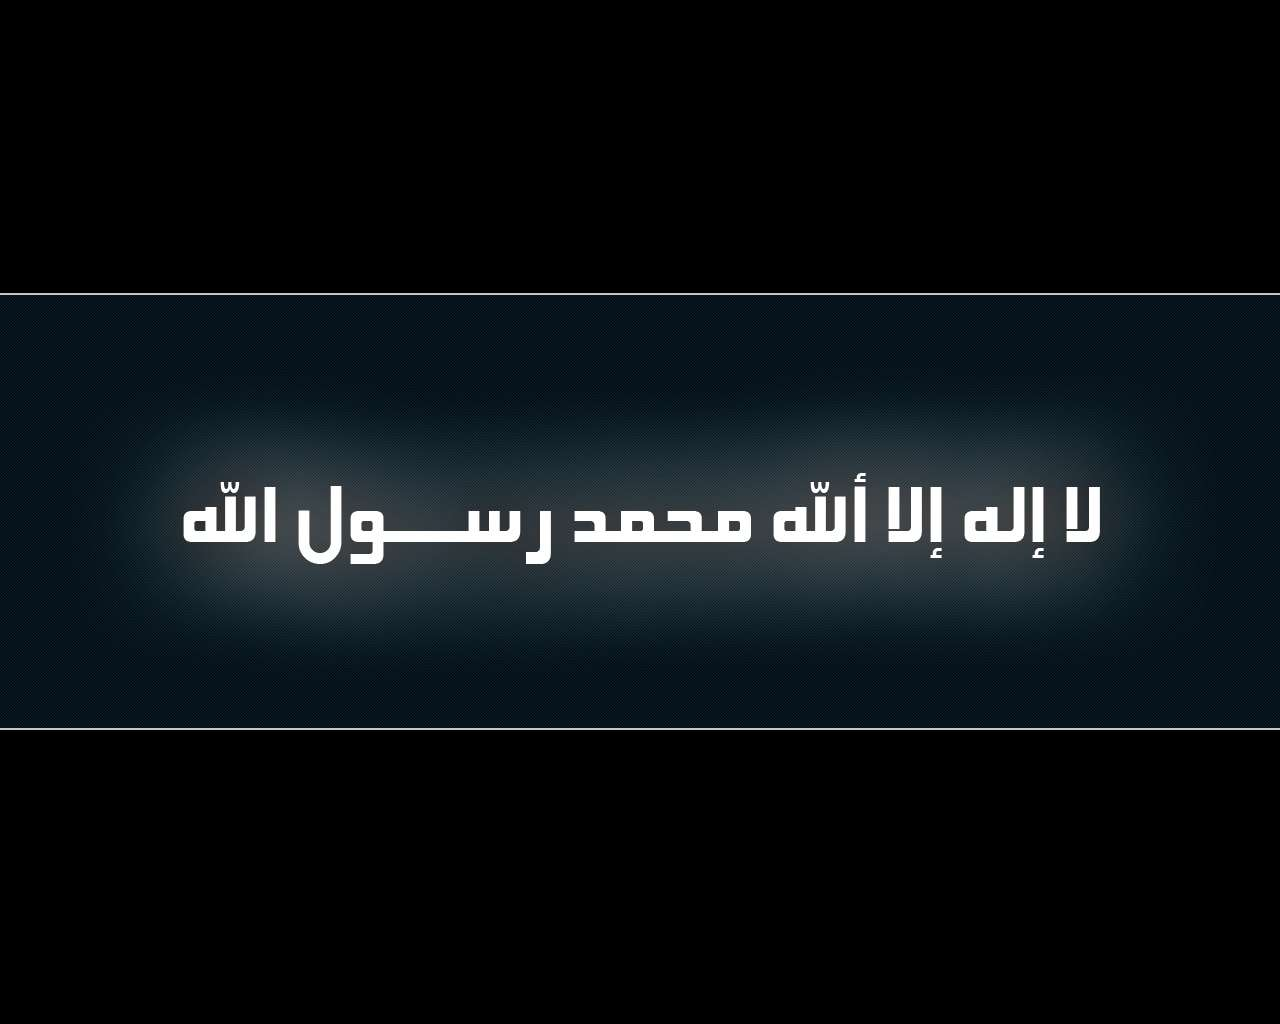 تنزيل صور اسلامية (2)